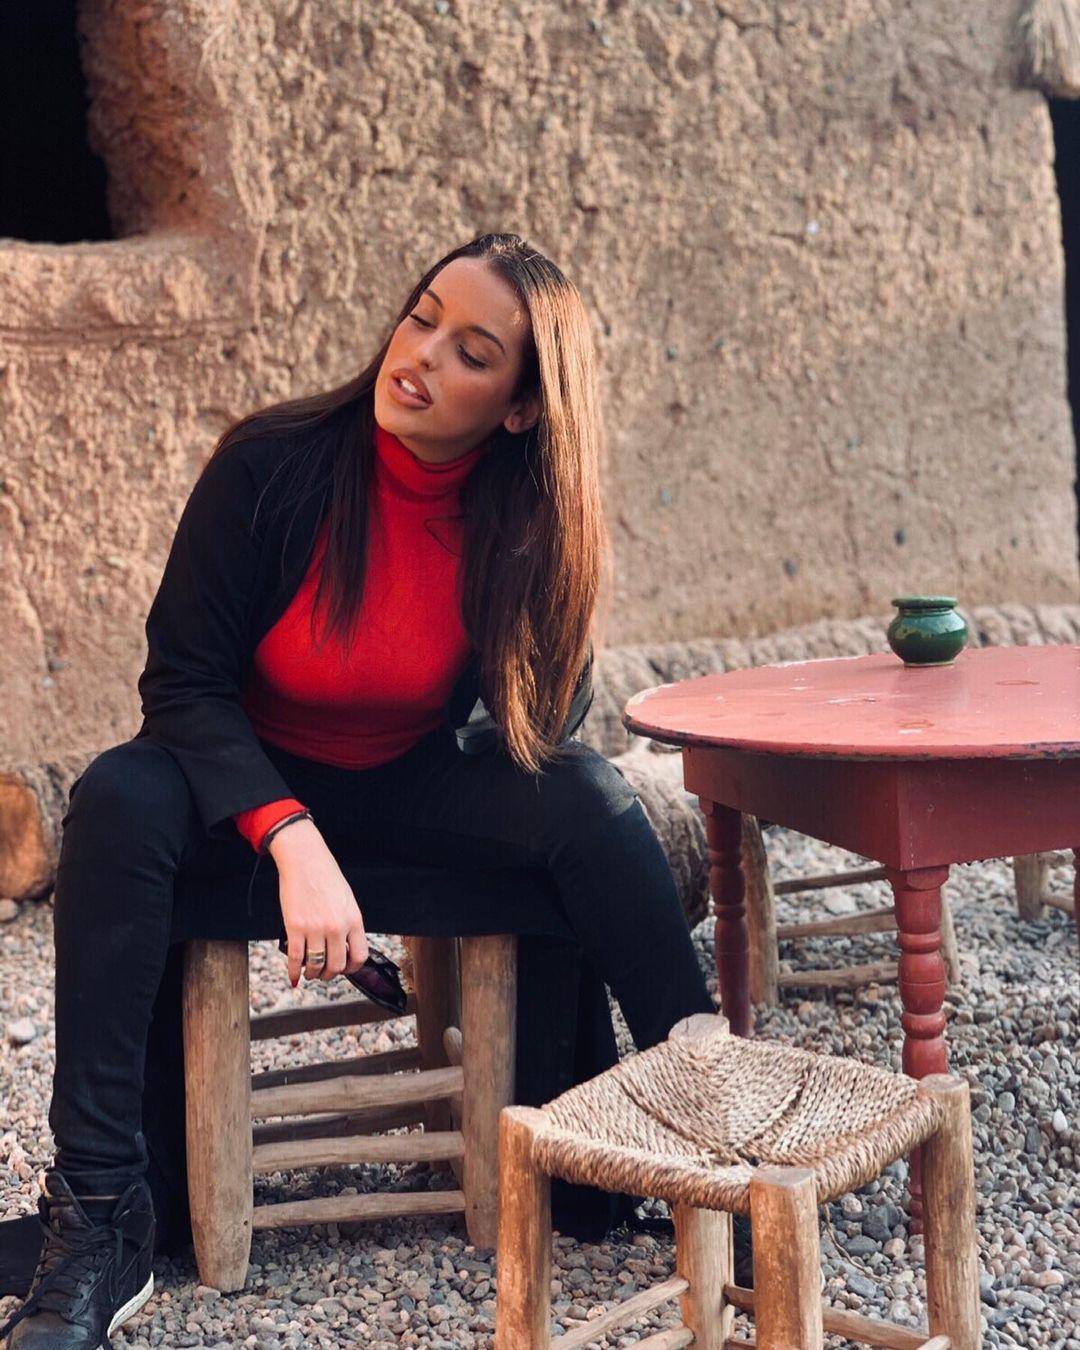 Elena-Barbato-Wallpapers-Insta-Fit-Bio-3